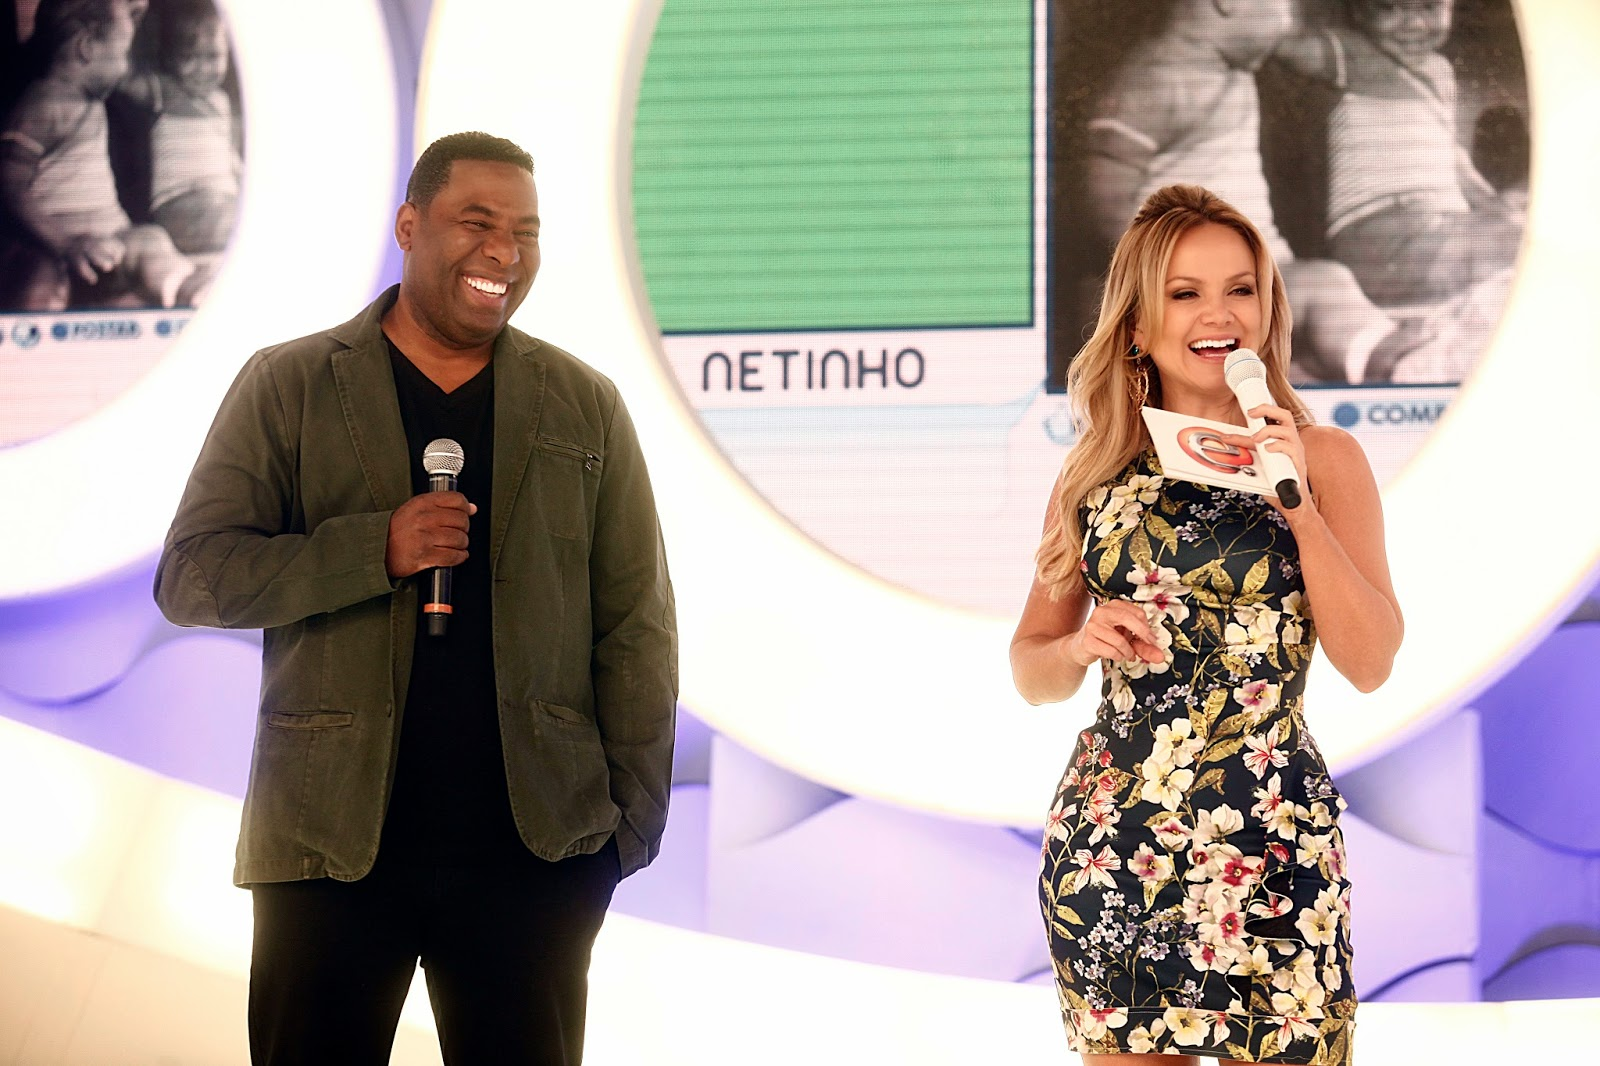 Netinho ainda é surpreendido por sua namorada a89de1debc7